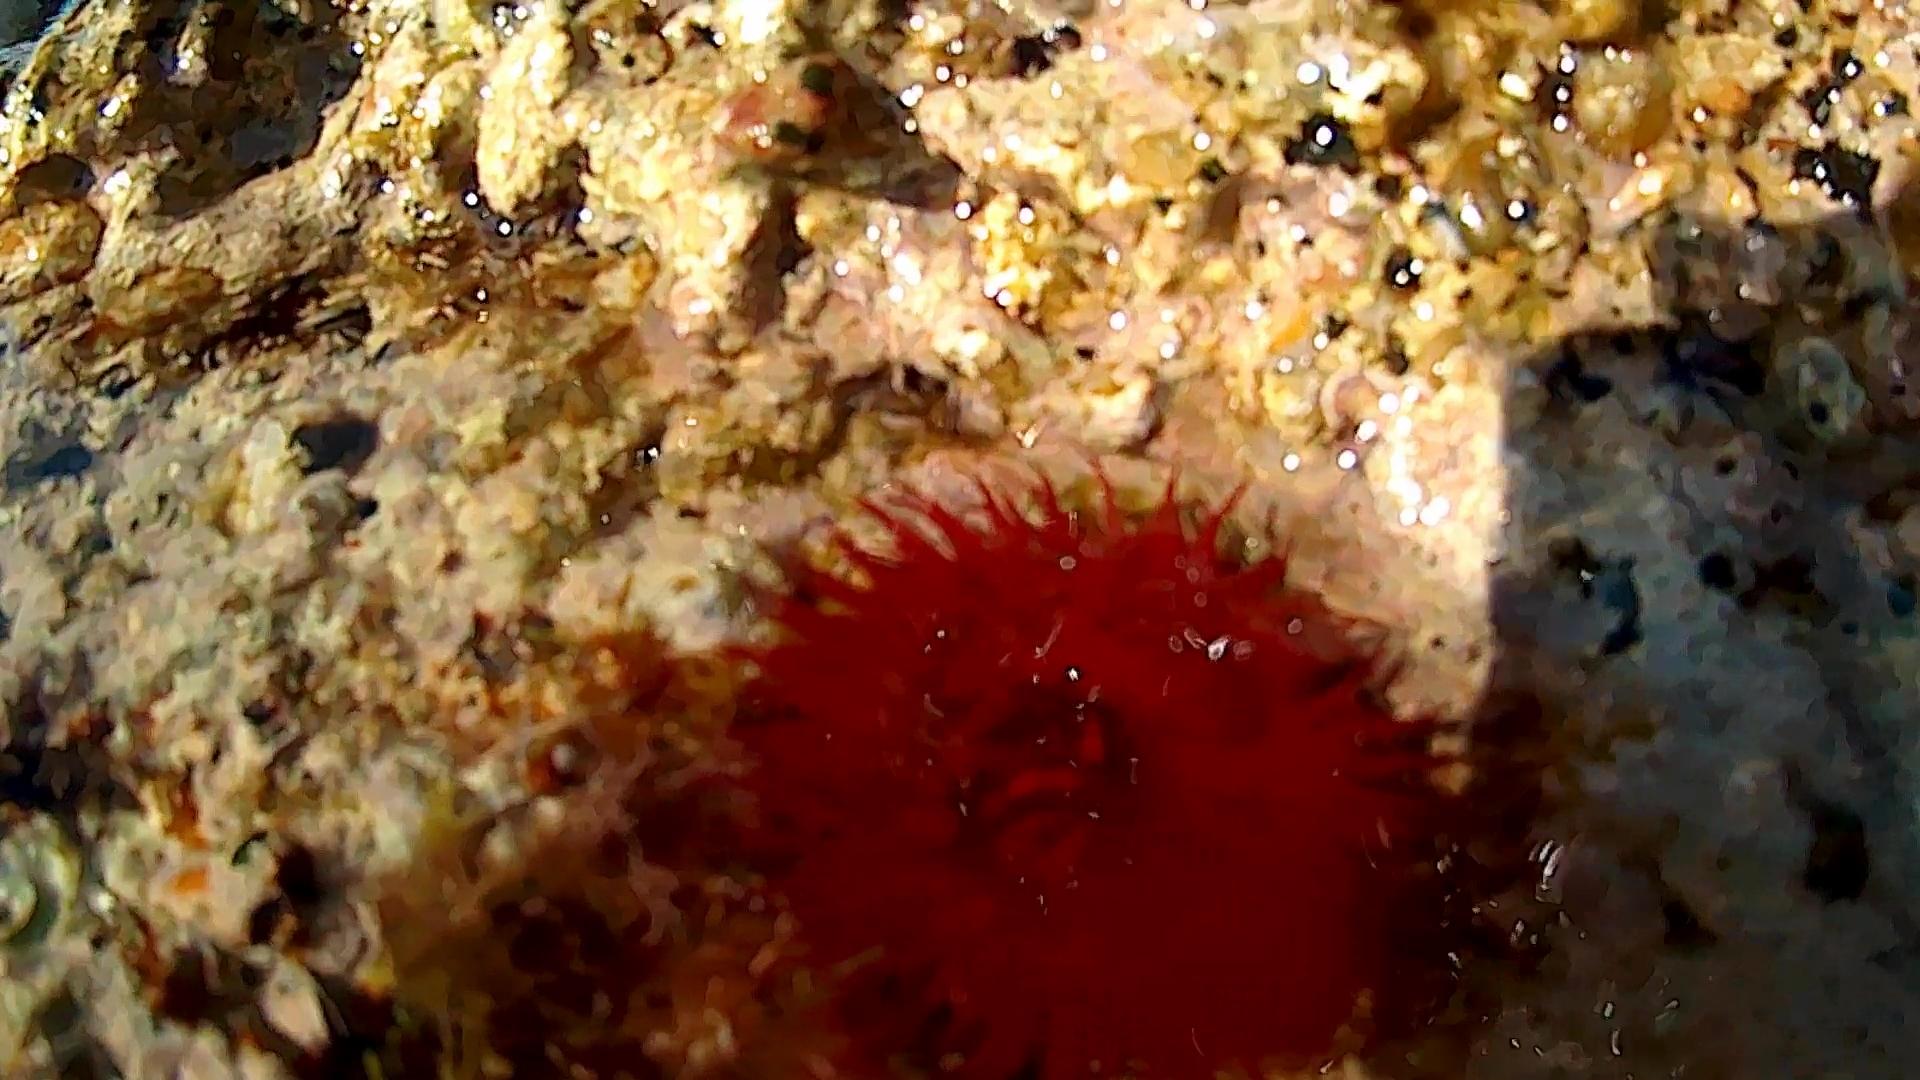 Actinia equina Pomodoro di mare cnidario antozoo intotheblue.it